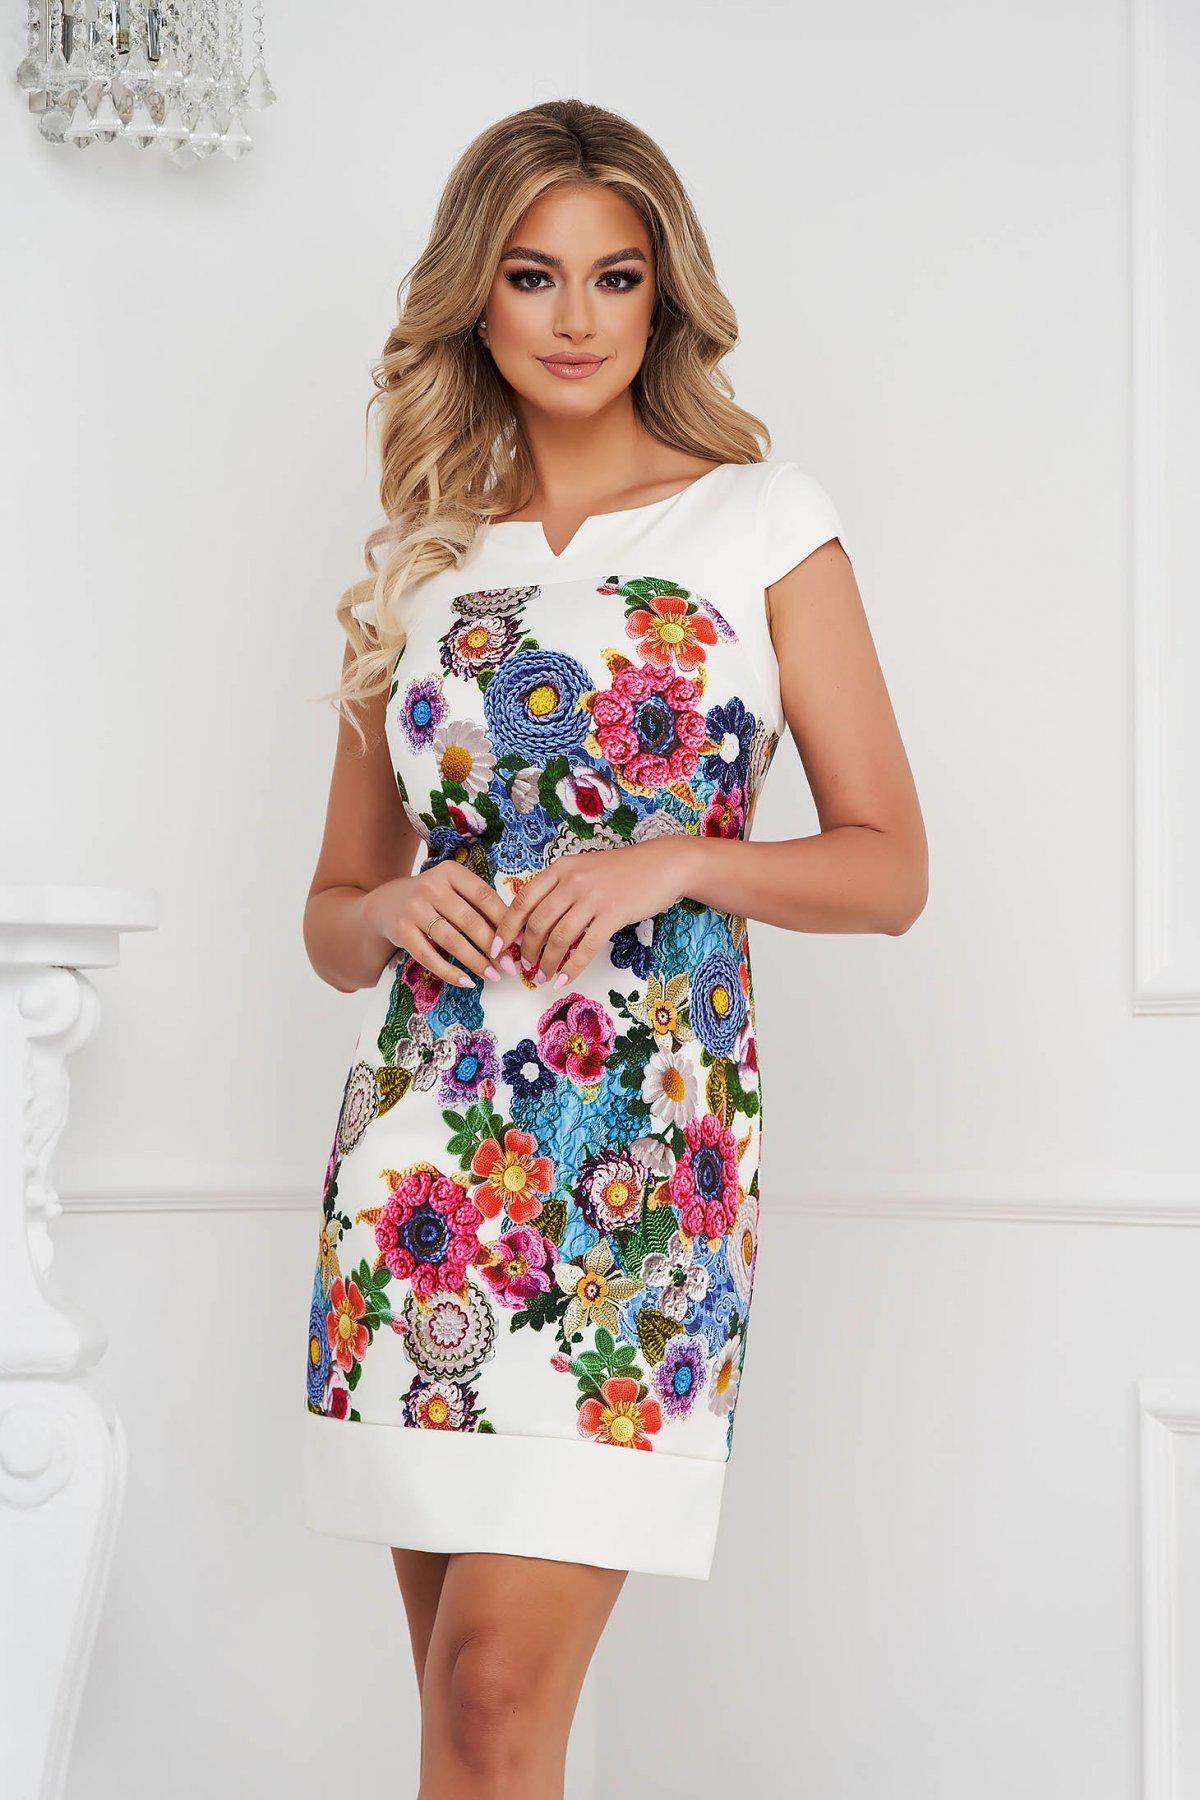 Rochie scurta cu croi in a material subtire cu maneci scurte si imprimeu floral - medelin.ro